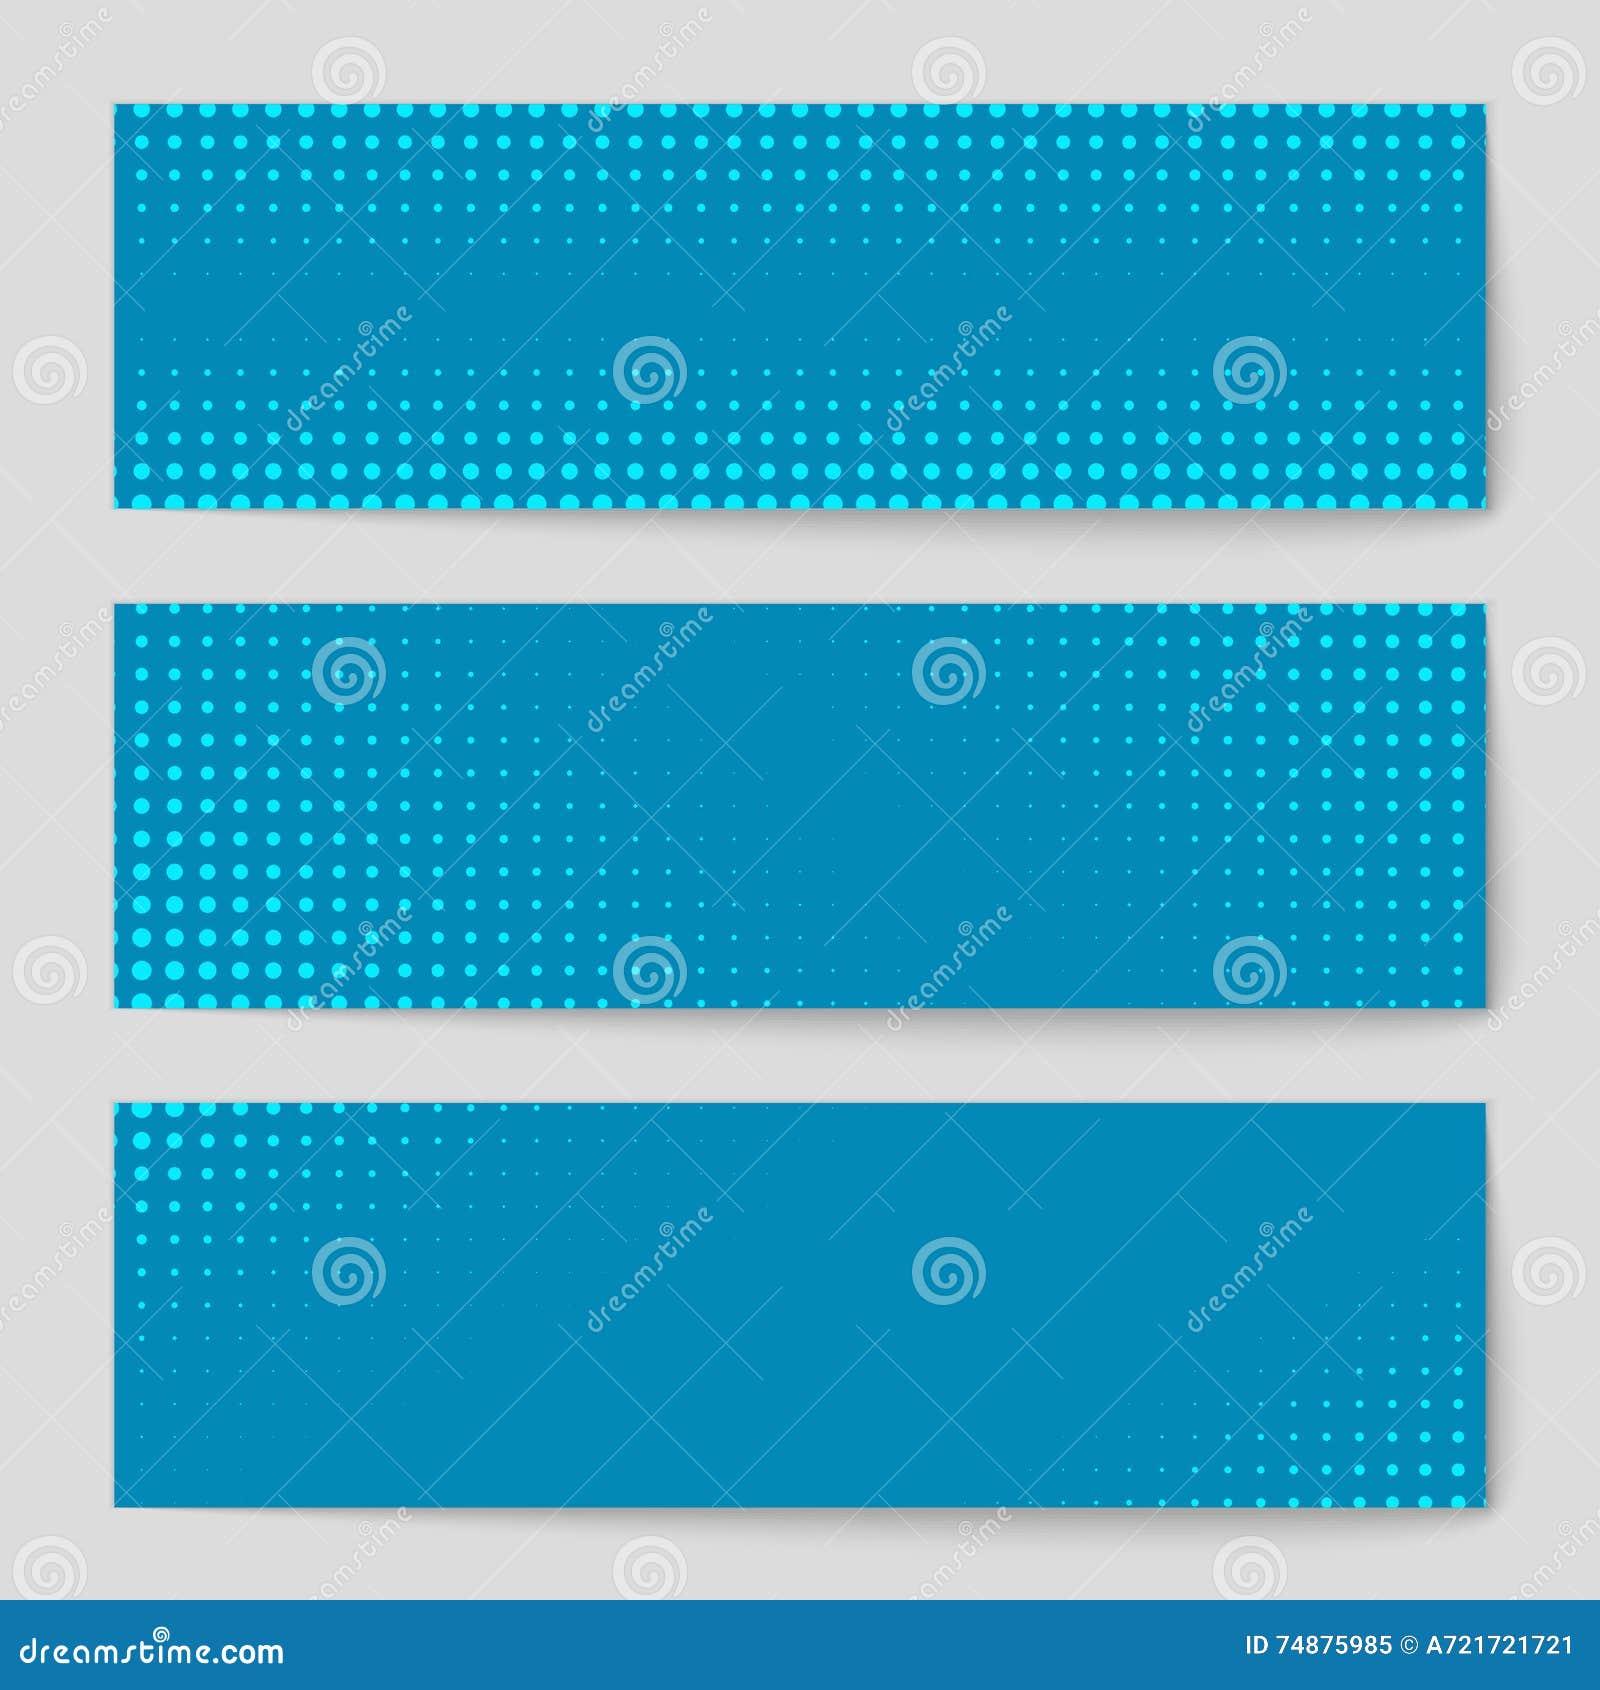 Molde criativo abstrato da disposição da placa do estilo do pop art da banda desenhada do vetor do conceito